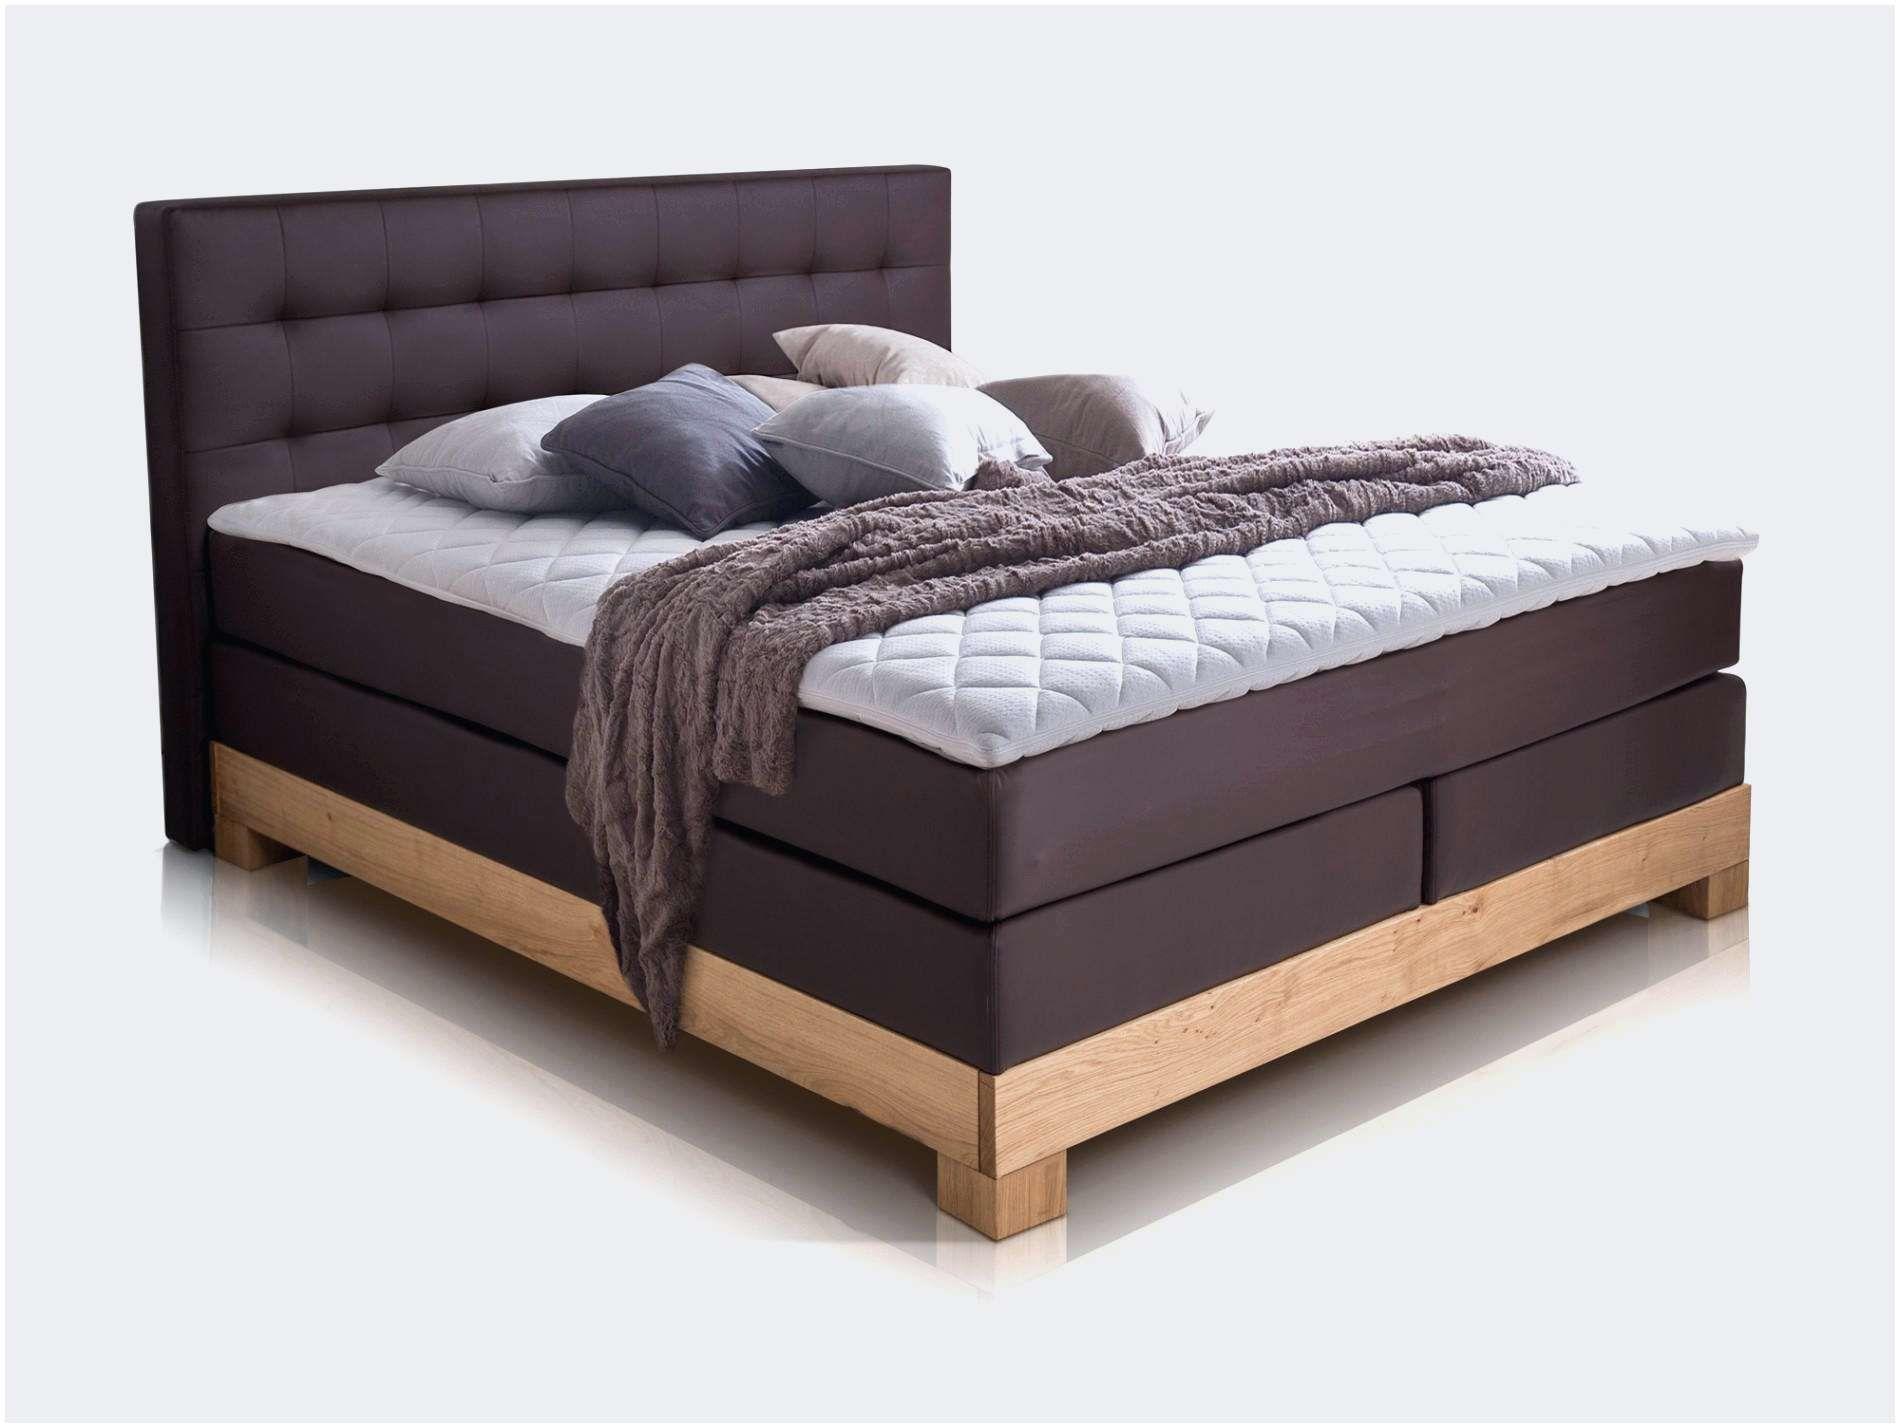 Couette Pour Lit 140x190 Couette Pour Lit 140x190 Housse De Couette Pour Lit Une Perso Queen Size Sofa Bed Queen Size Sofa Wooden Bedroom Furniture